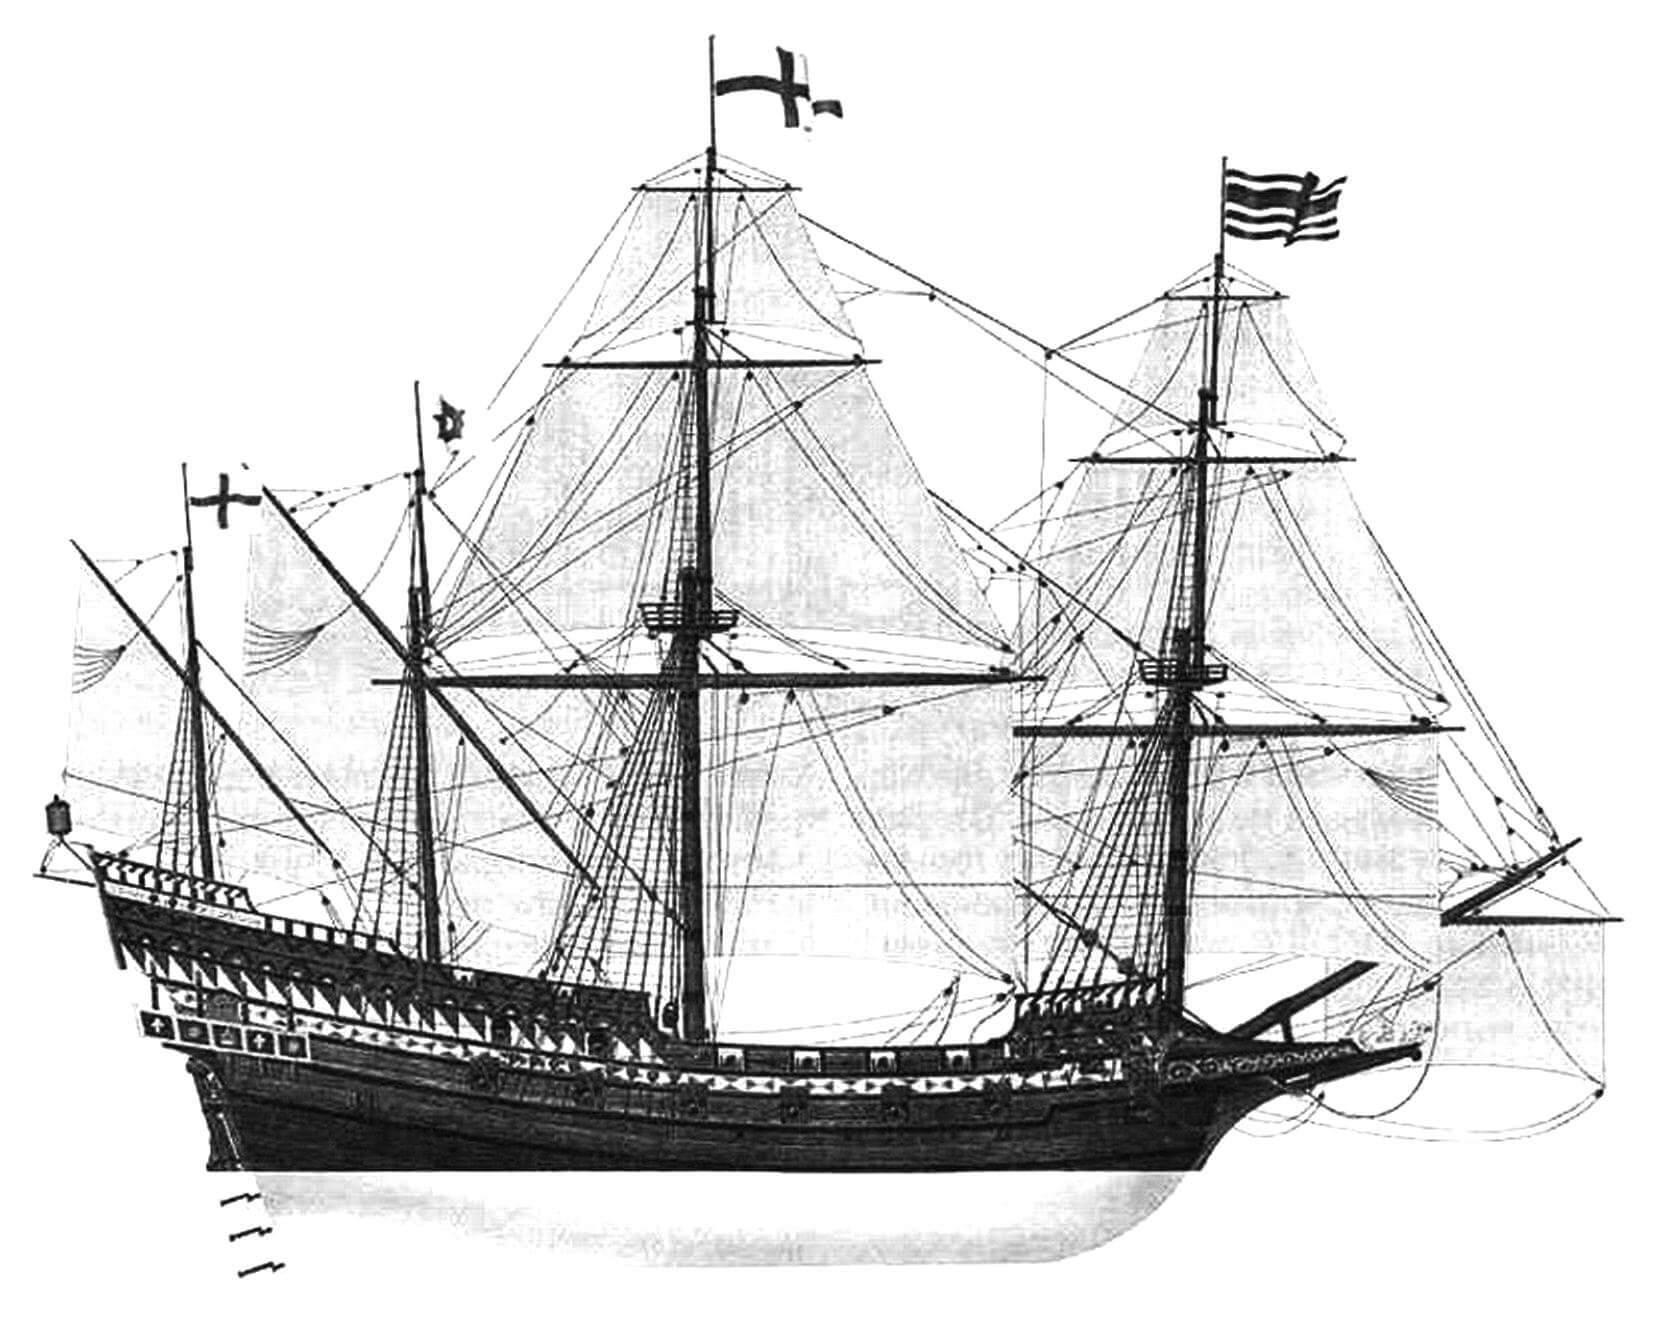 Реконструкция внешнего вида галеона «Ривендж». Вероятно, в отношении парусного вооружения корабля здесь допущена ошибка - в действительности он не имел брамселей на фок- и грот-мачте